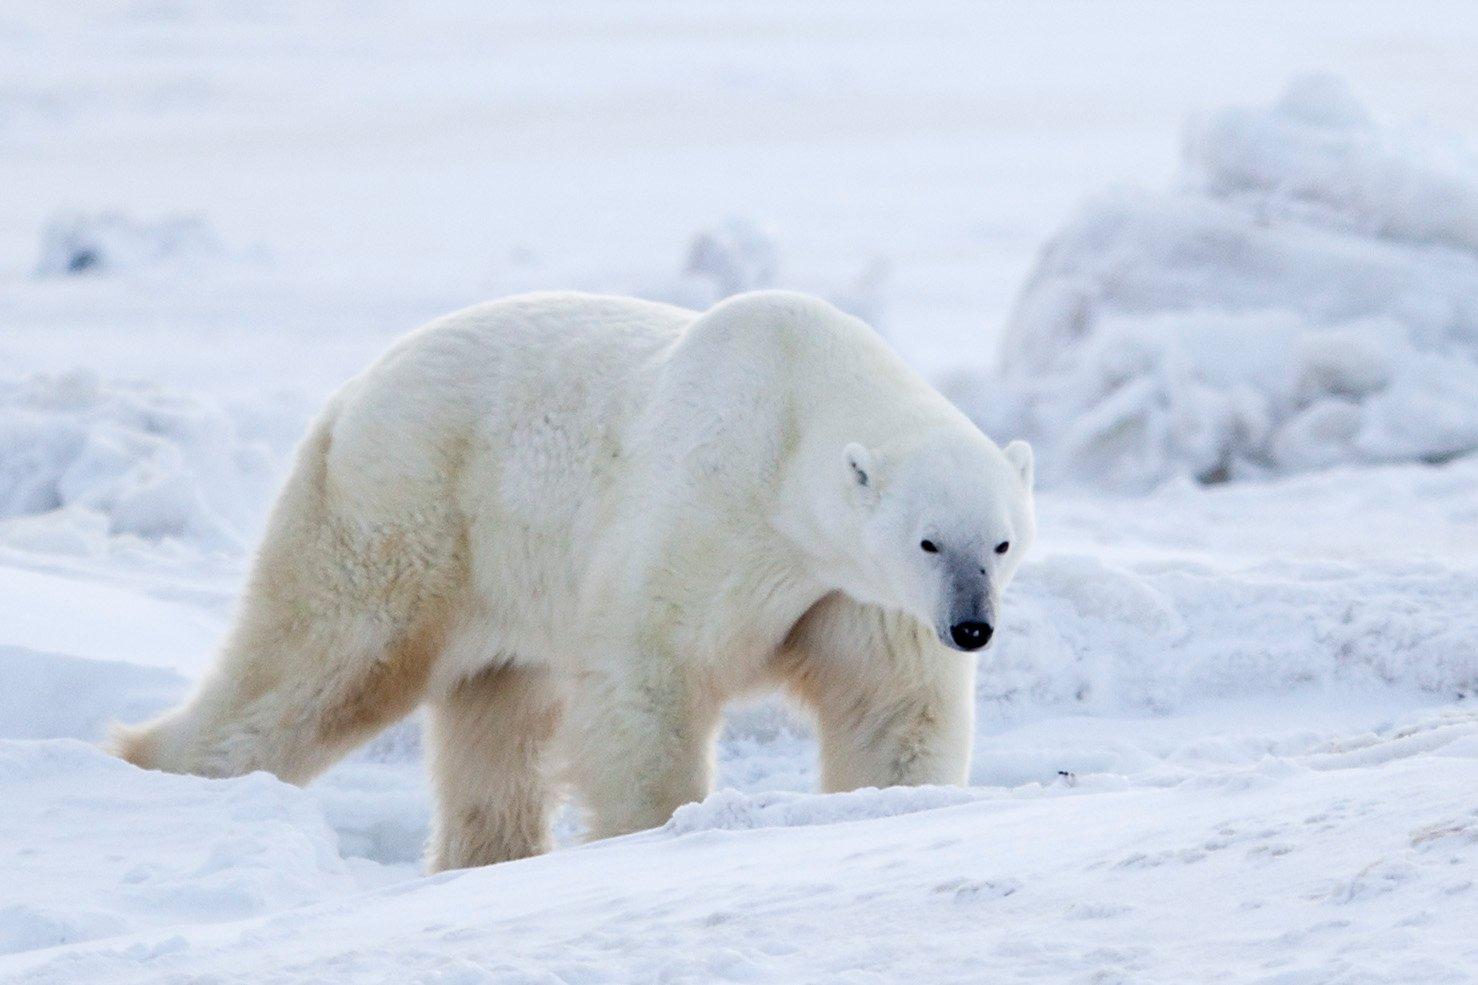 Polar Bear walks through the snow in Wapusk National Park